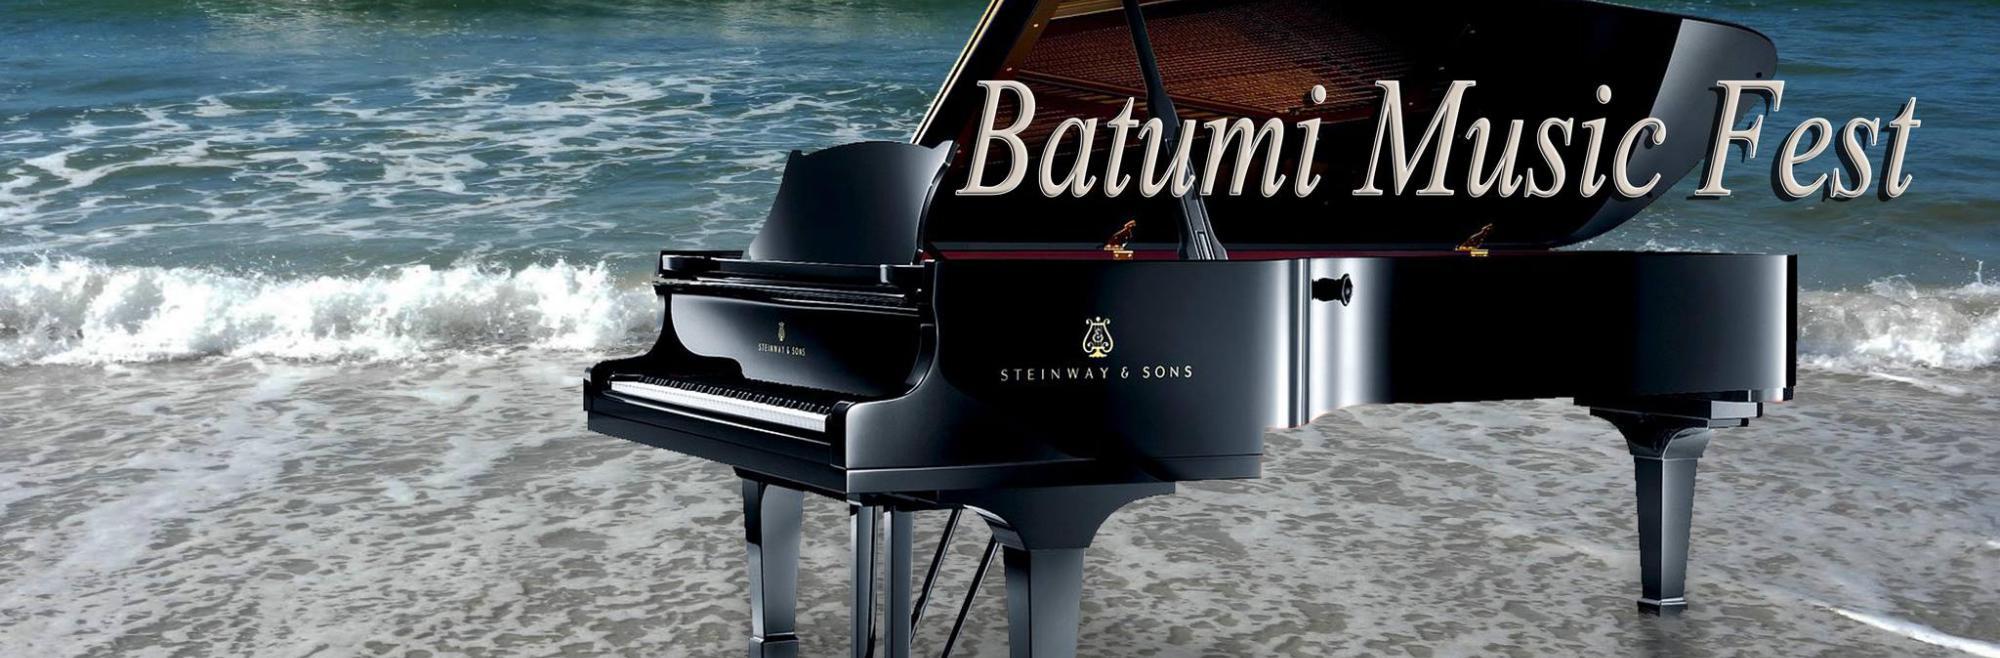 Музыкальный фестиваль Batumi Music Fest стартует в субботу